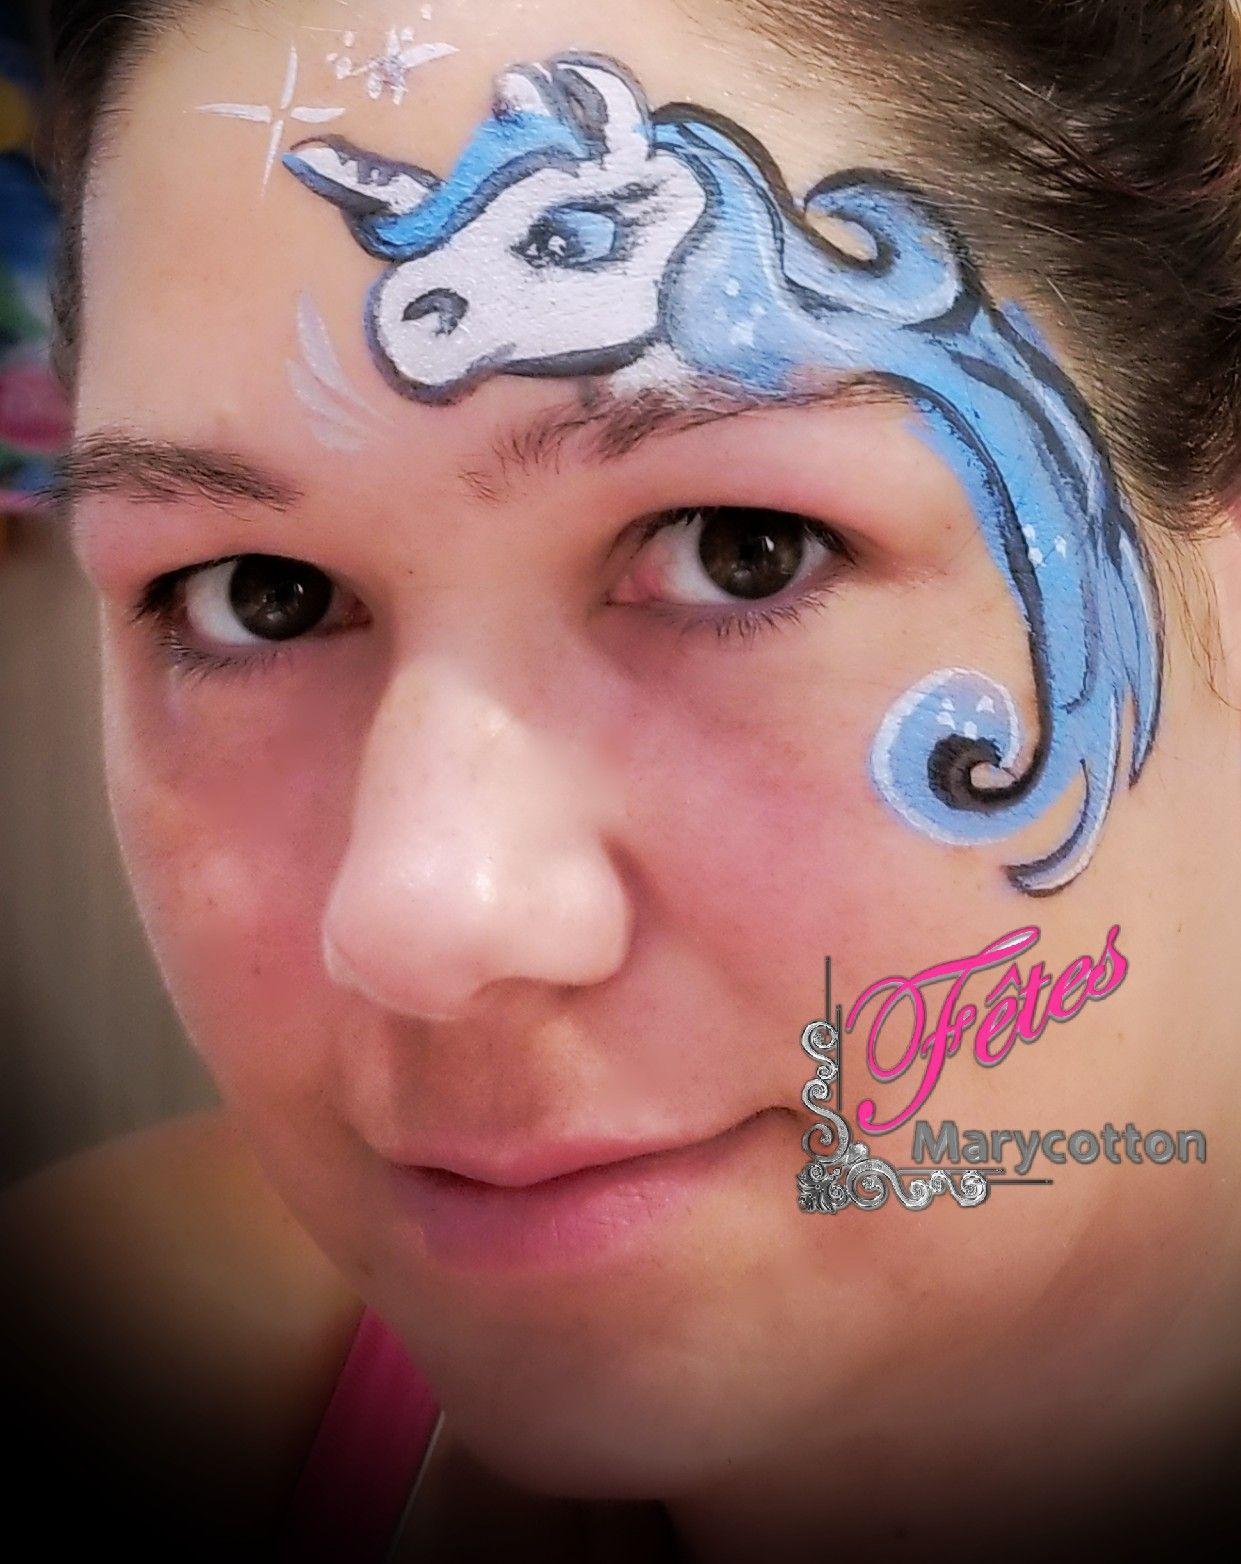 maquillage licorne facepaint fetesmarycotton marycottonpaint unicorn  ✨✨✨ Visitez votre boutique